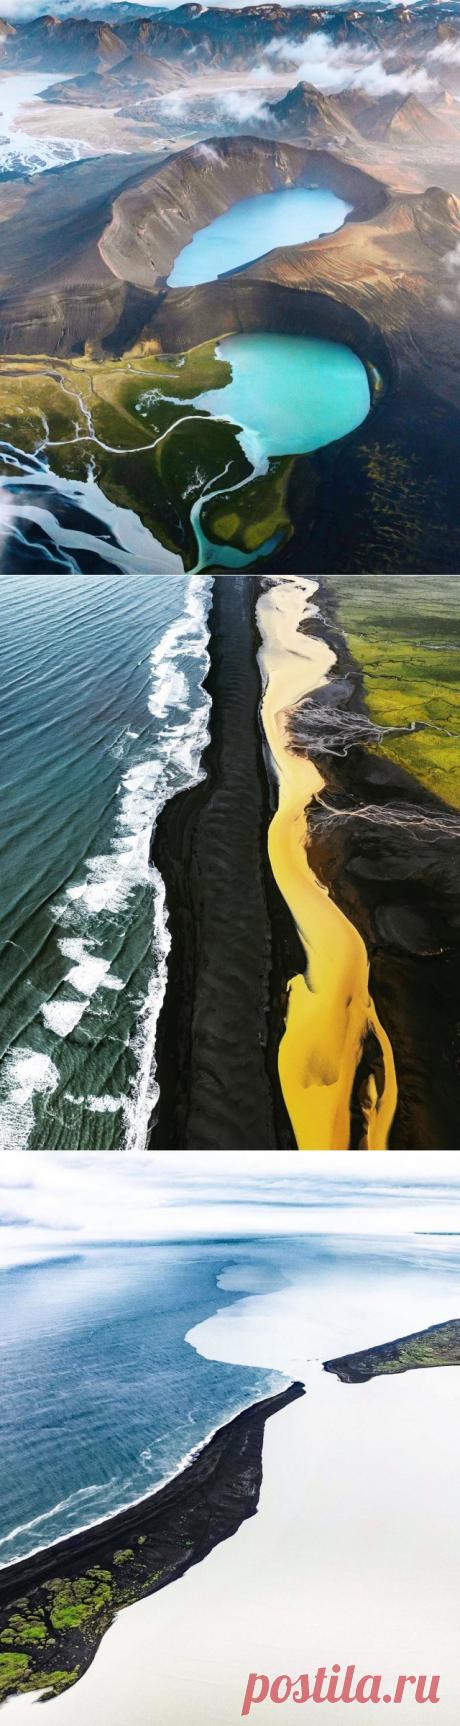 Удивительные аэрофотоснимки Исландии — Infodays